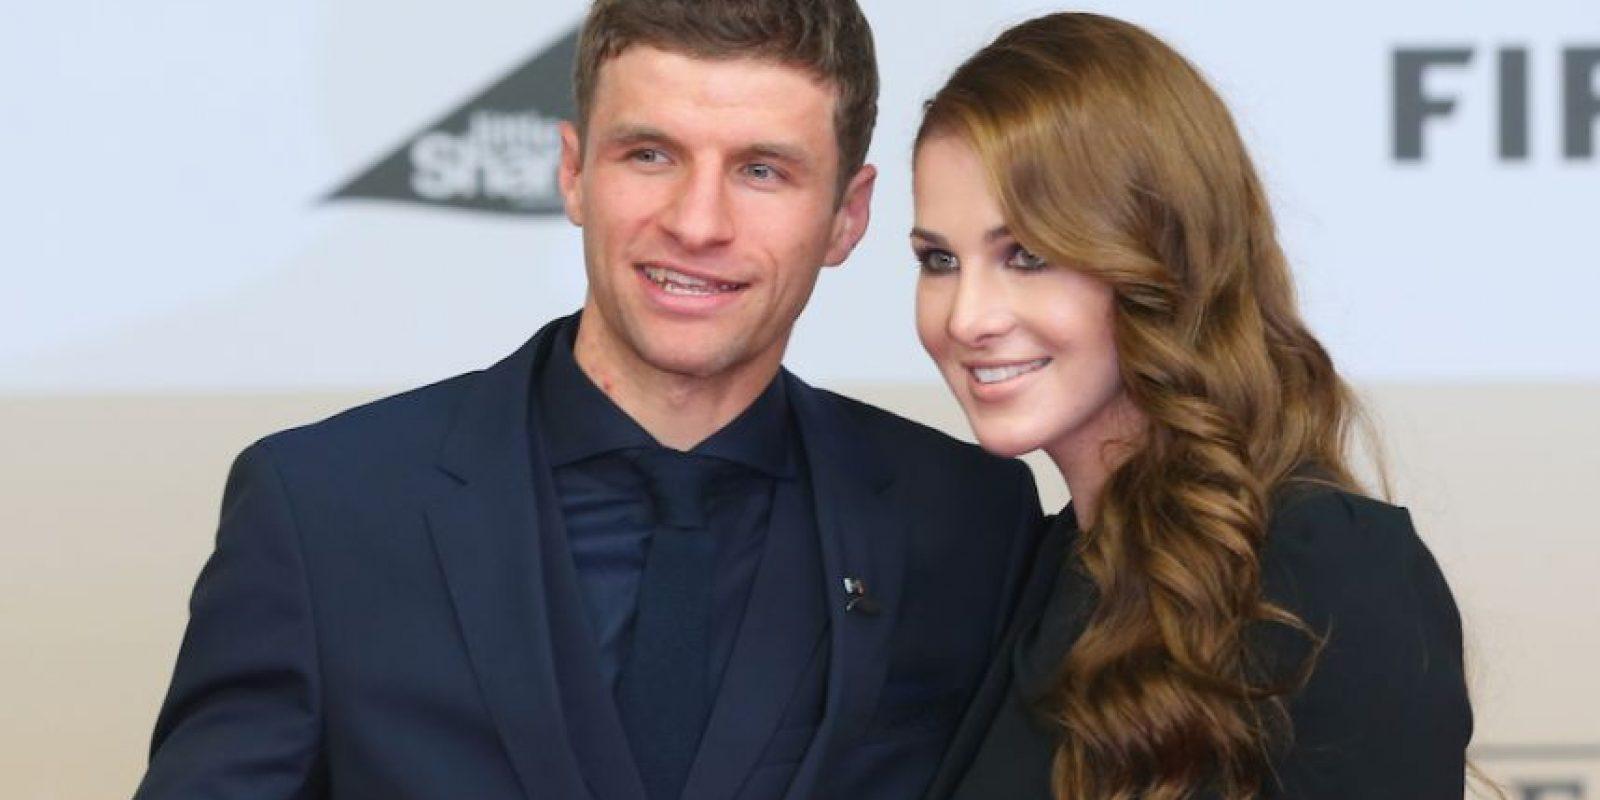 El futbolista alemán se casó en 2009. Foto:Getty Images